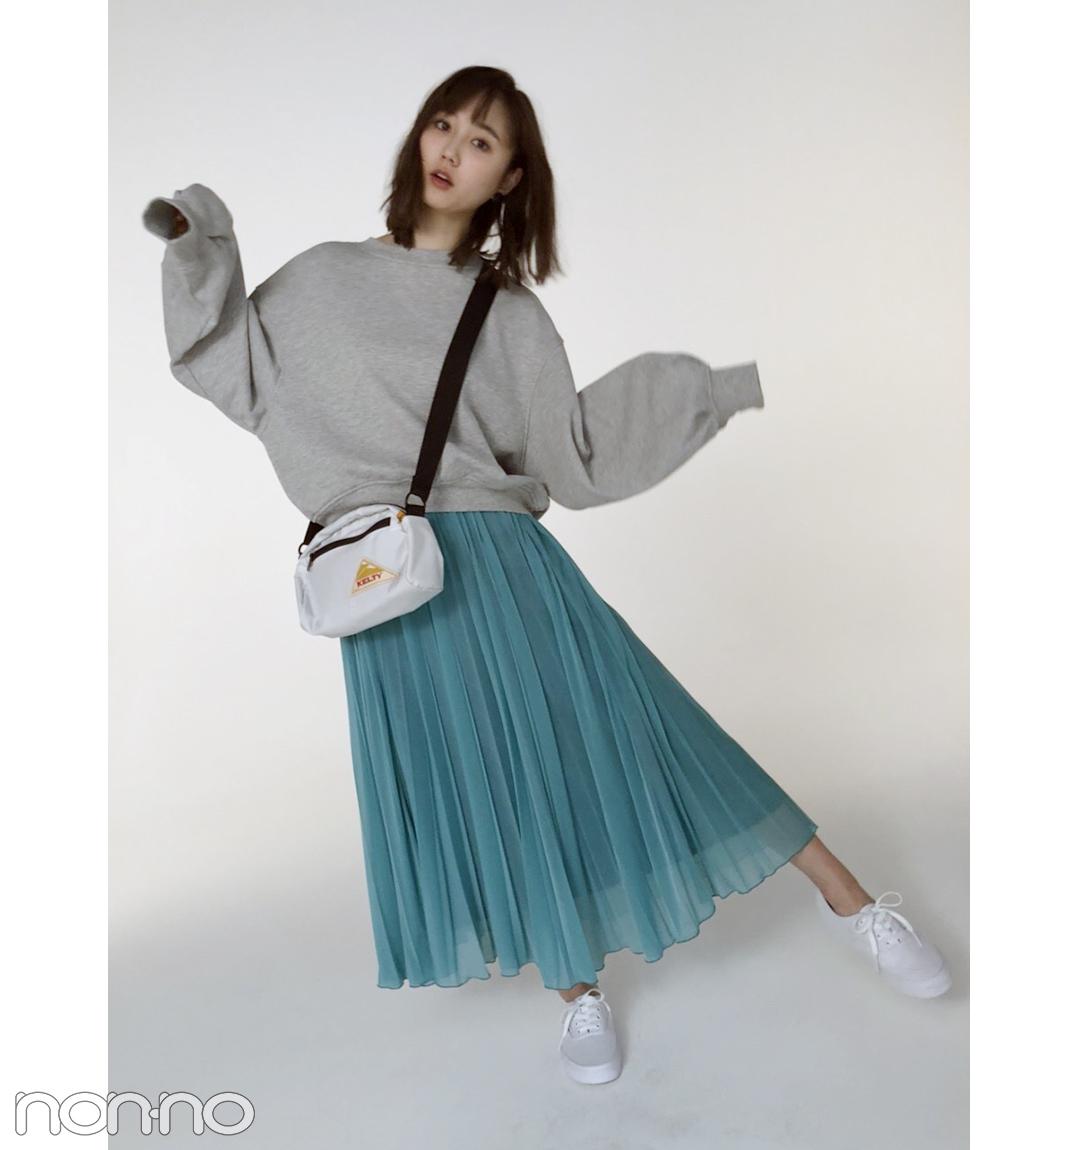 鈴木友菜のフェミニンなスウェットスタイル、真似したい!【毎日コーデ】_1_1